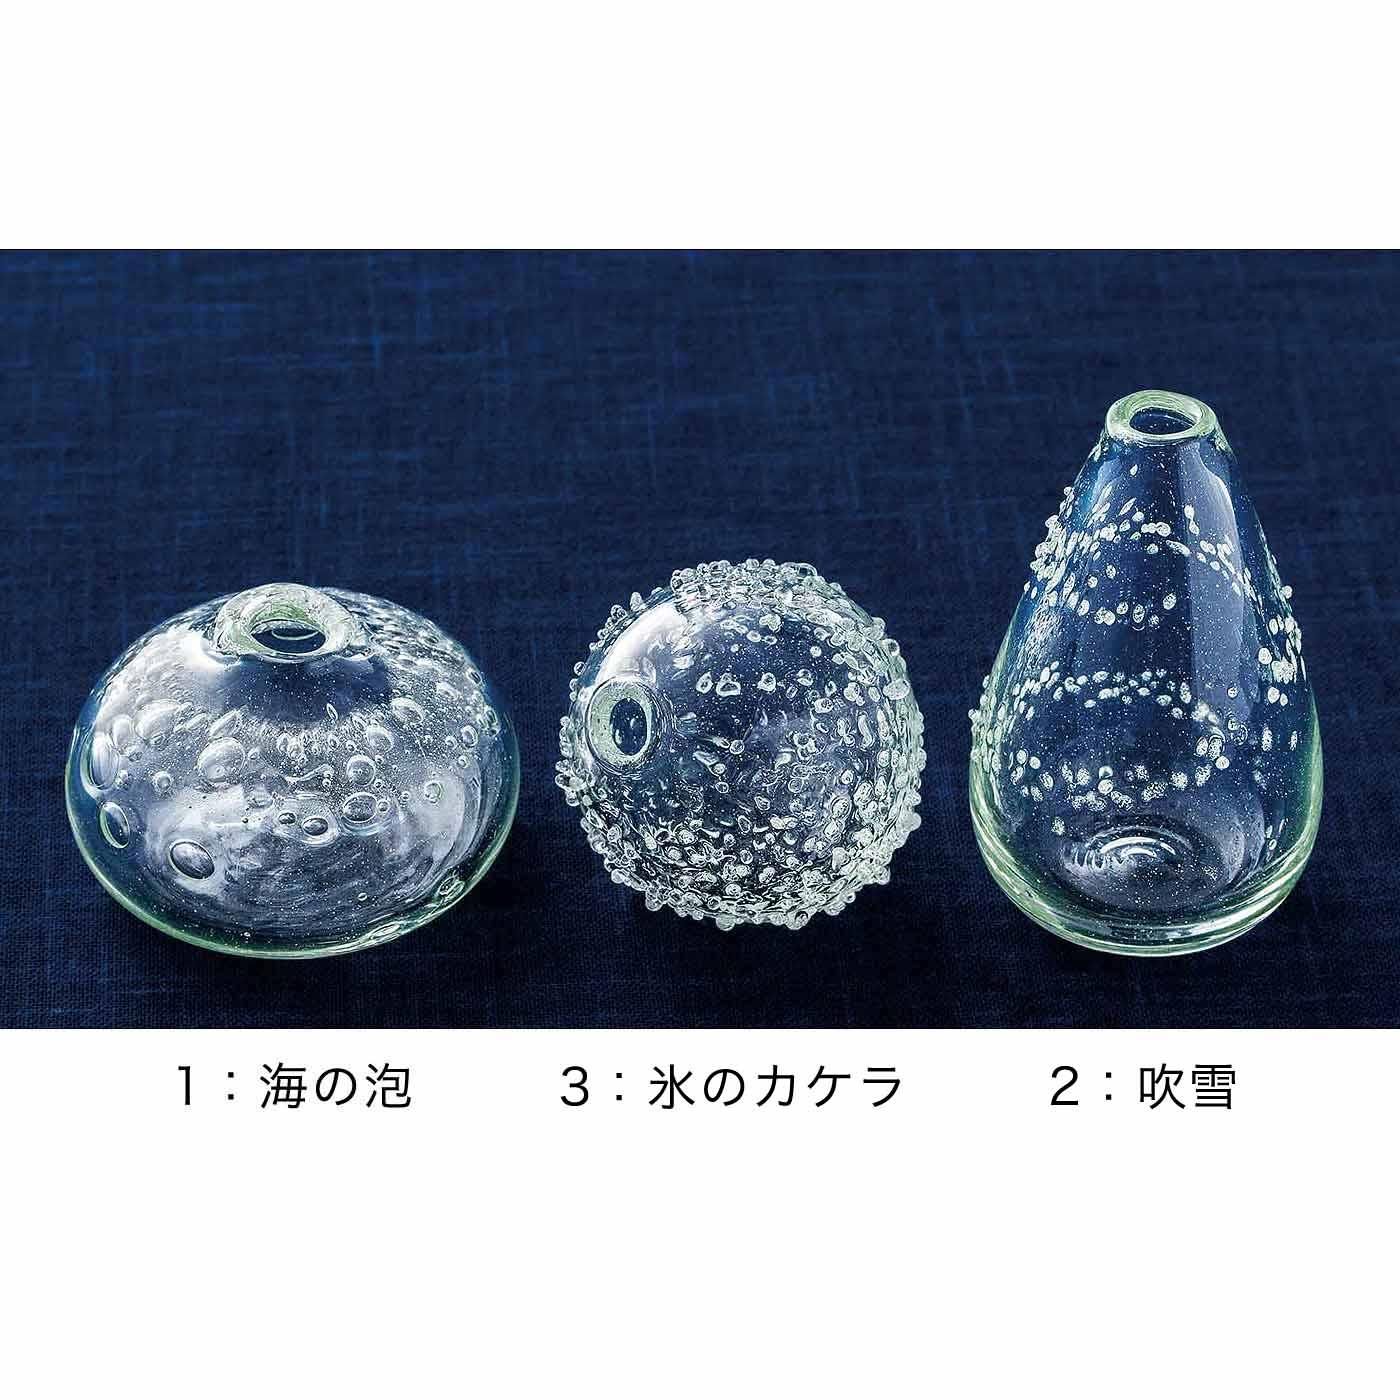 海の泡:直径約7.5cm、高さ約4.5cm/ガラスの中の泡は美しく、おまんじゅうのような形が愛らしい。 氷のカケラ:直径約5.5cm、高さ約5.5cm/小さな氷のカケラをまぶしたようなデザイン。口が斜めについているのでユニークな生け方が楽しめます。 吹雪:直径約5.5cm、高さ約9cm/下から上にらせんを描いて雪が舞い上がる様子をデザインしました。しずくのような形が味アリ。